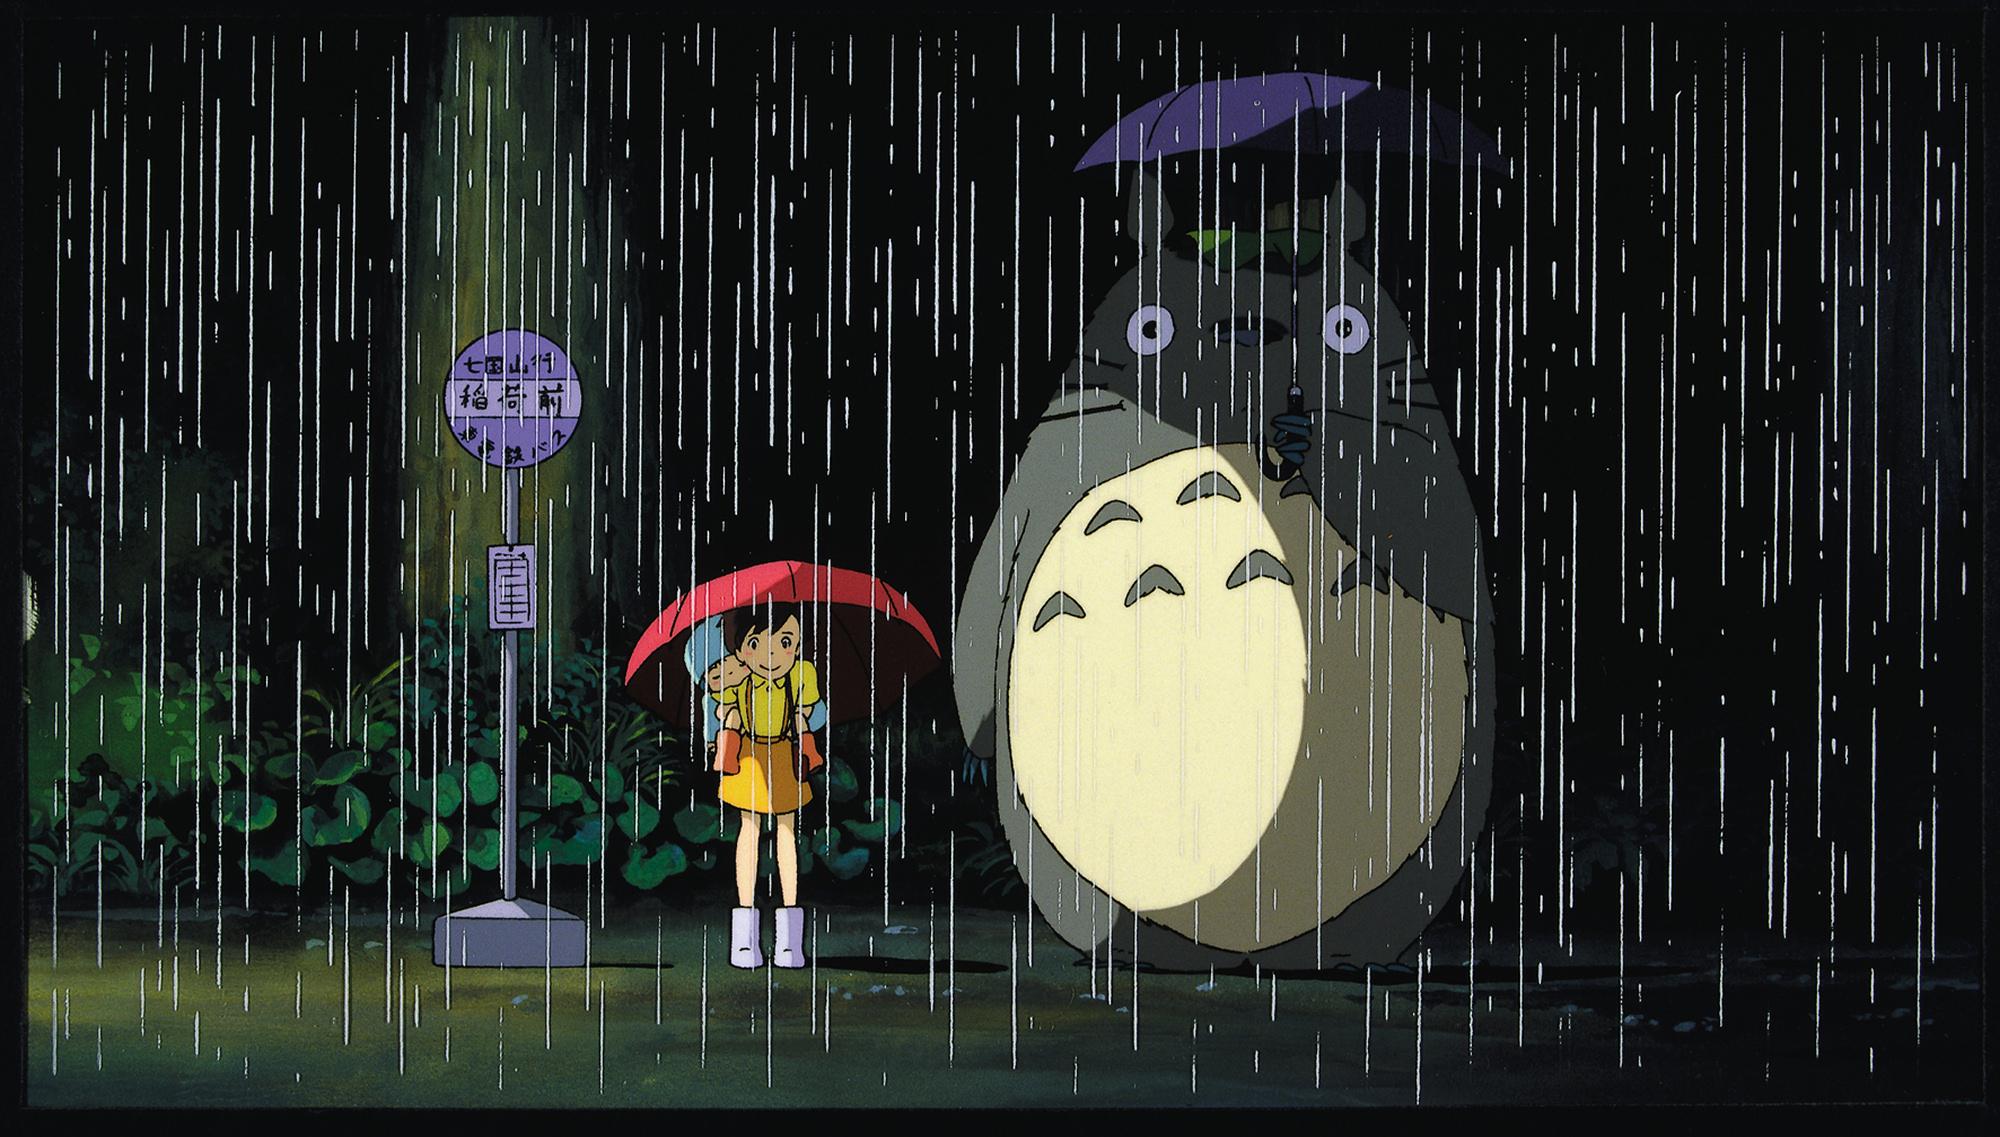 My Neighbor Totoro Computer Wallpapers Desktop Backgrounds 2000x1137